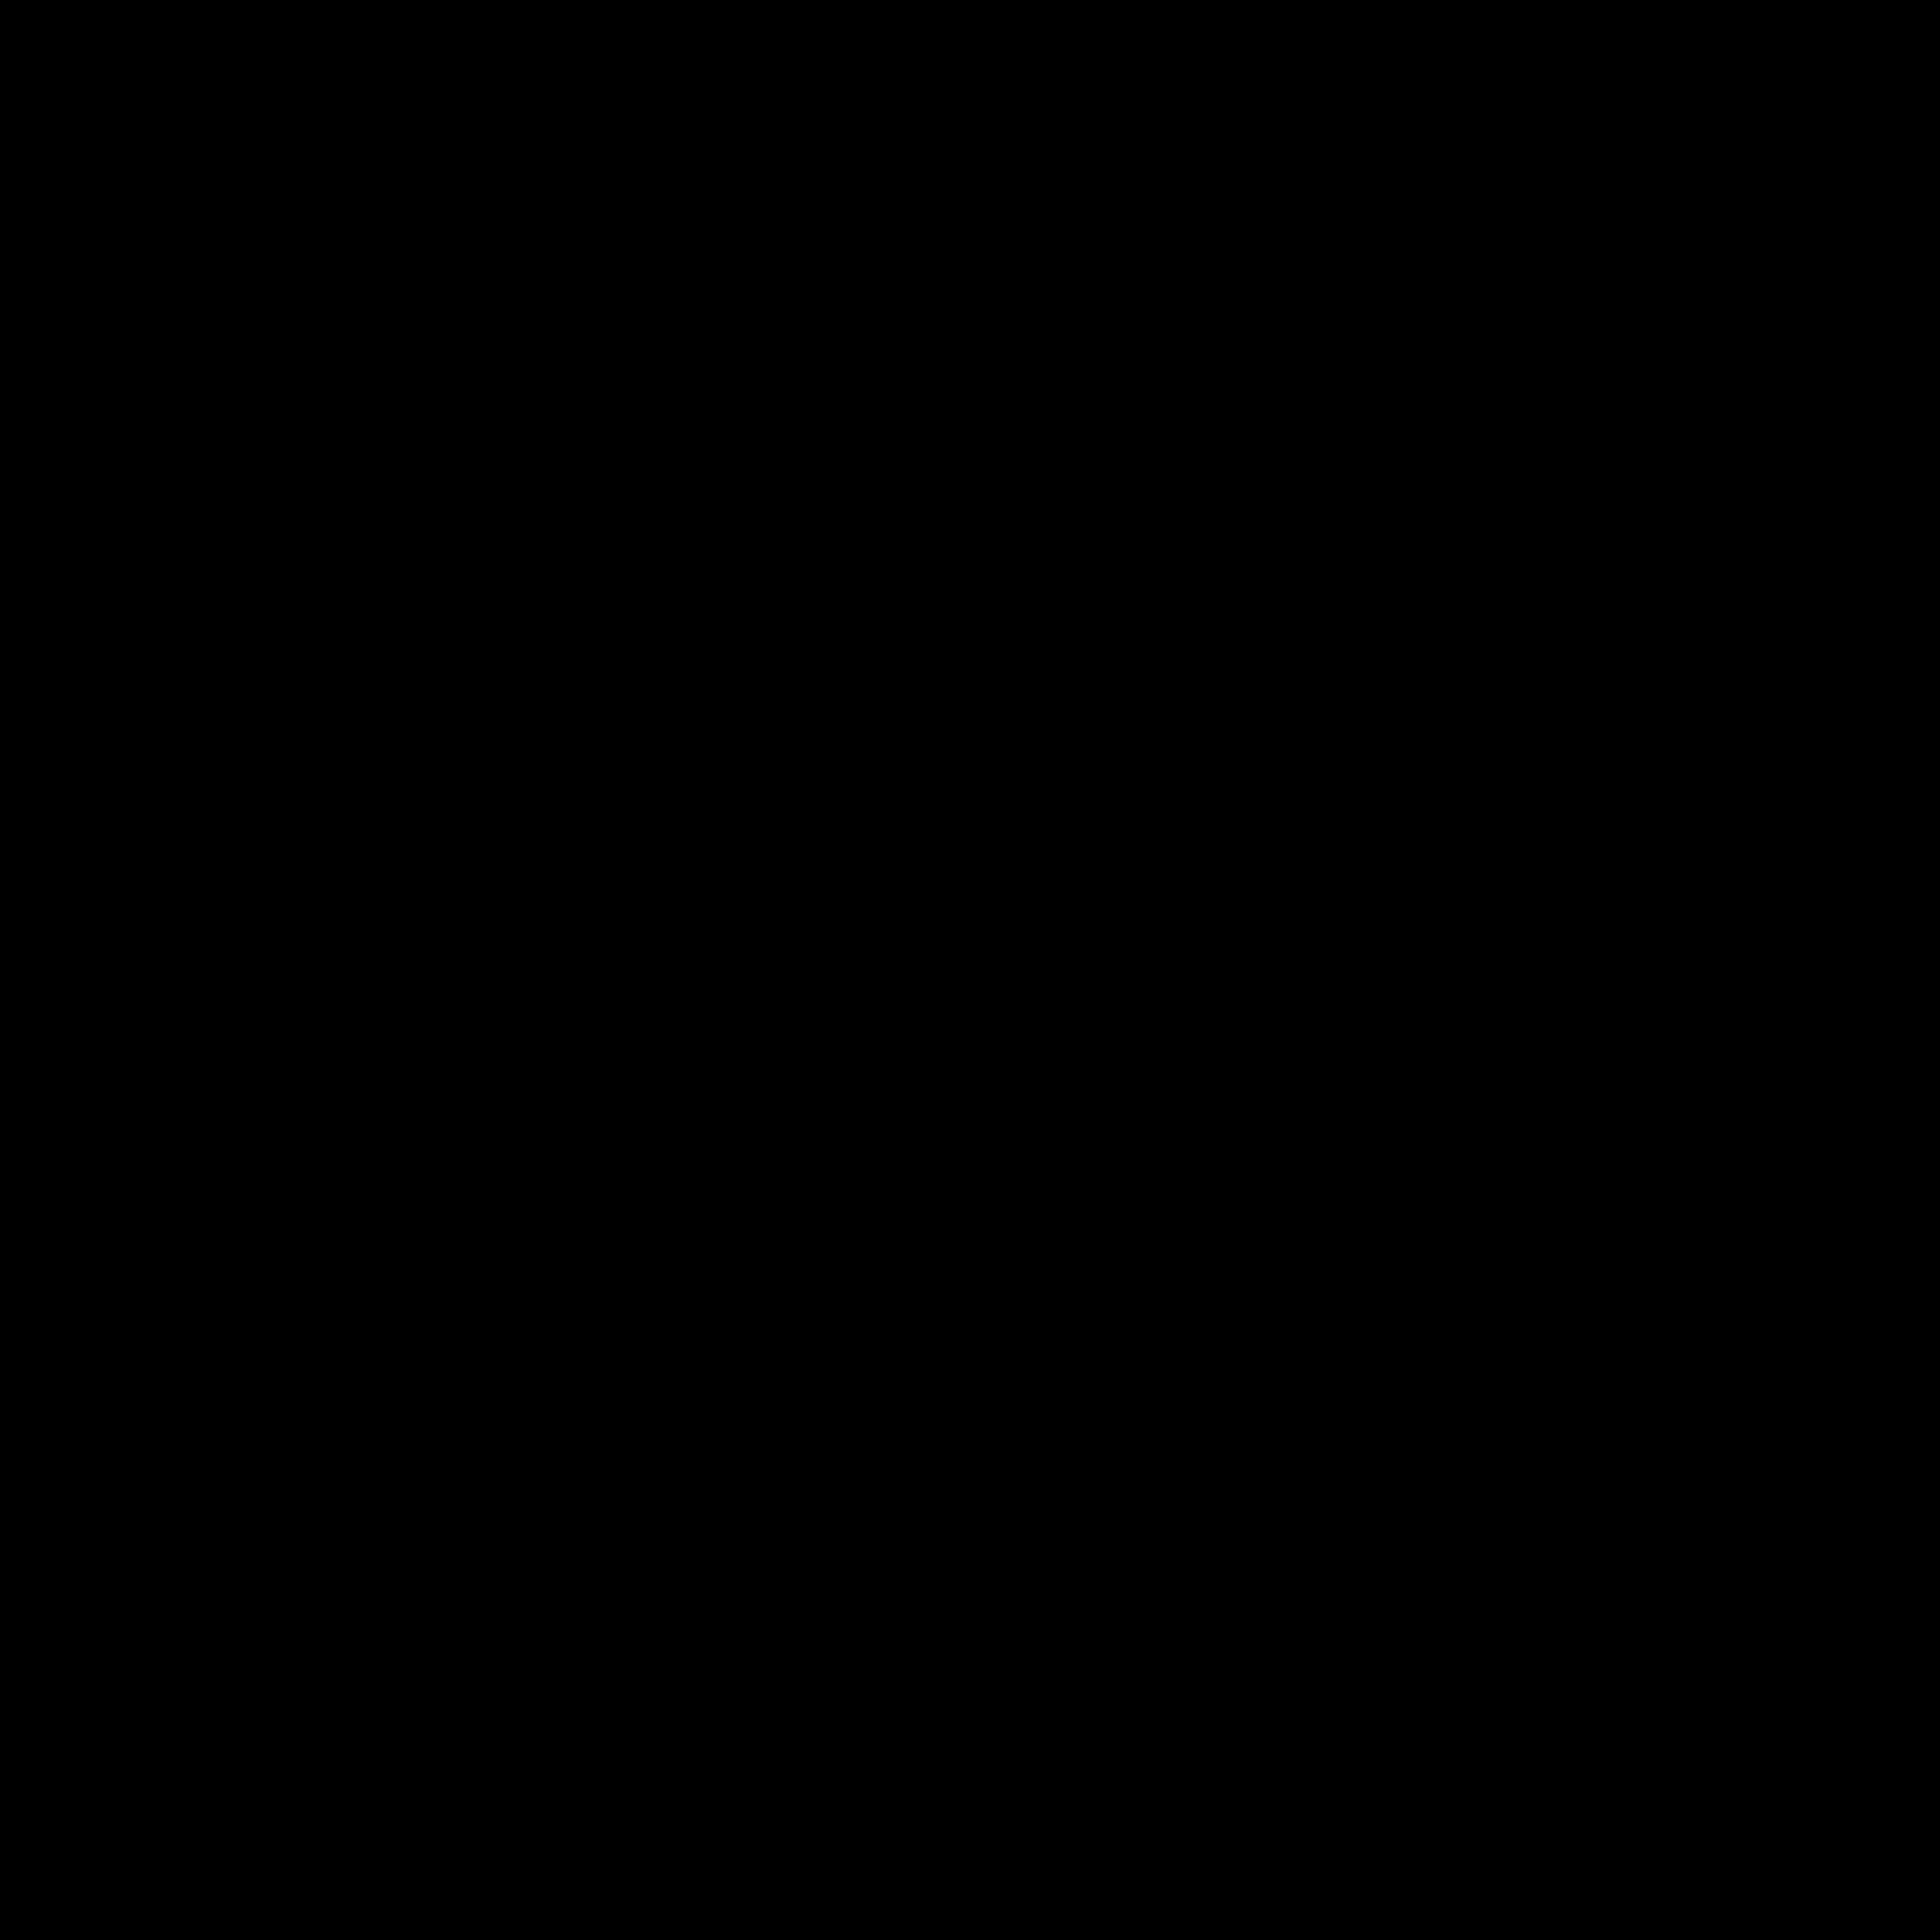 Image result for amg logo transparent